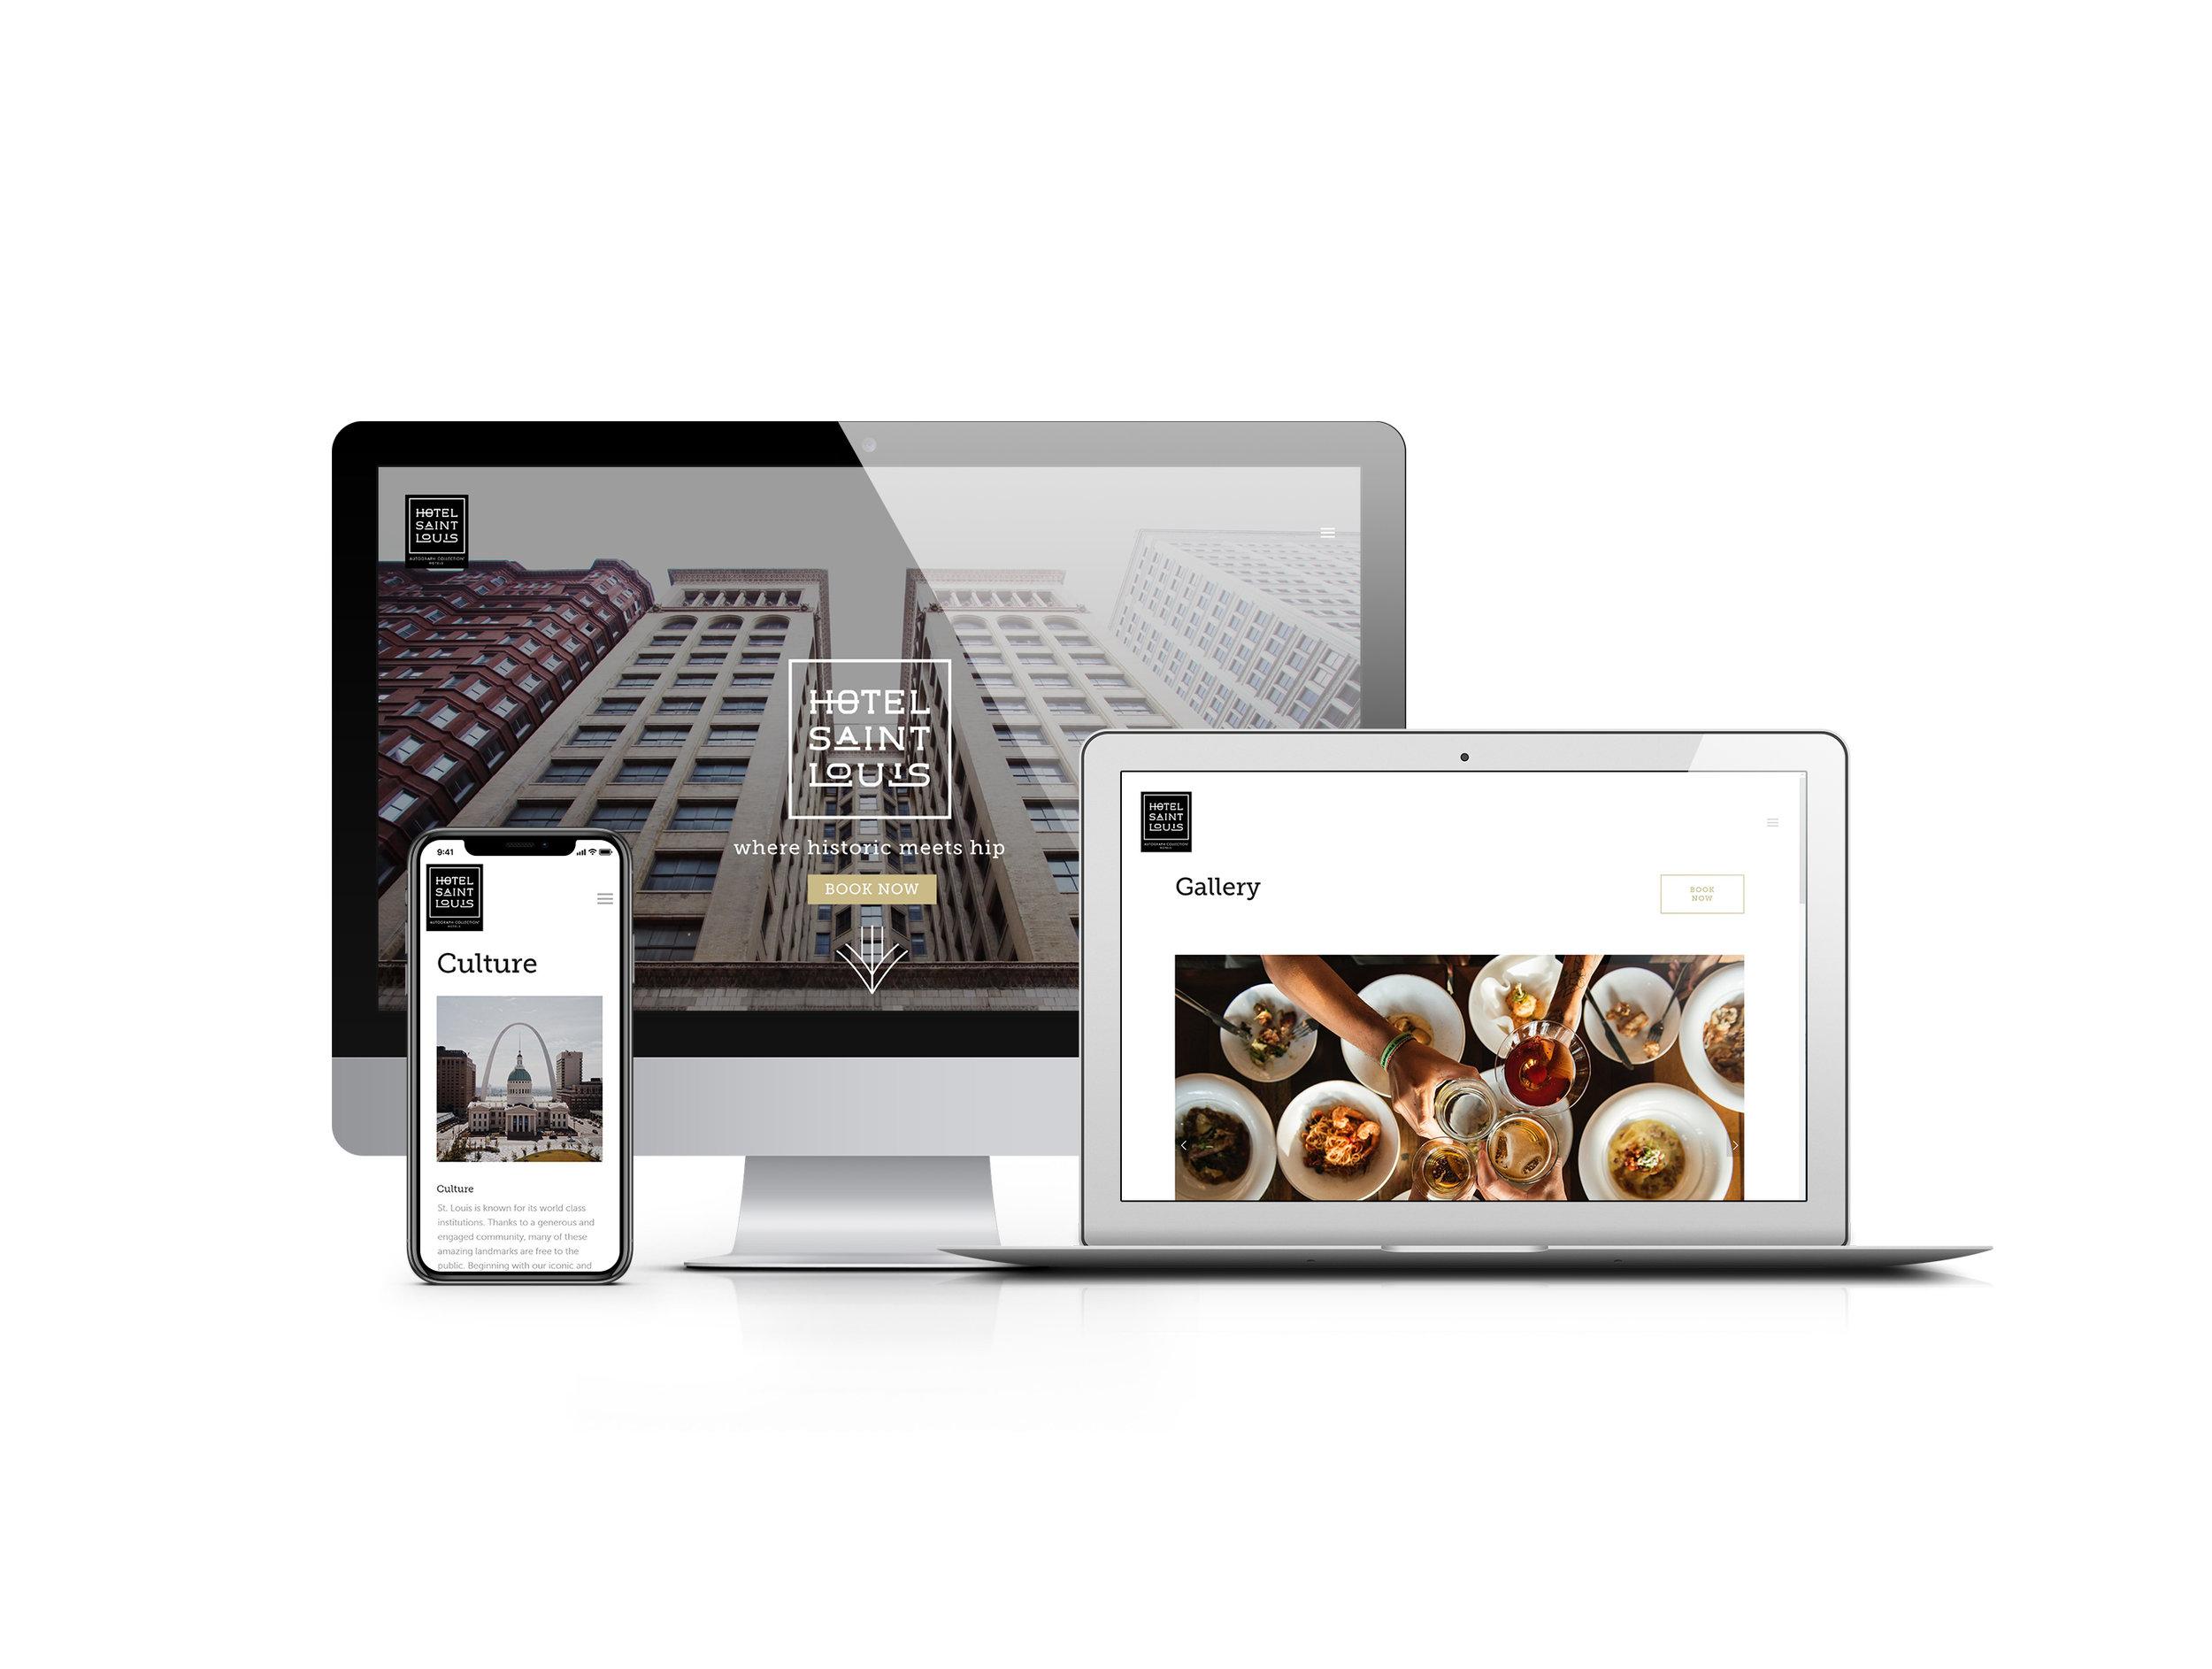 180919+Mockup-+HSL+New+Macbook+Page.jpg